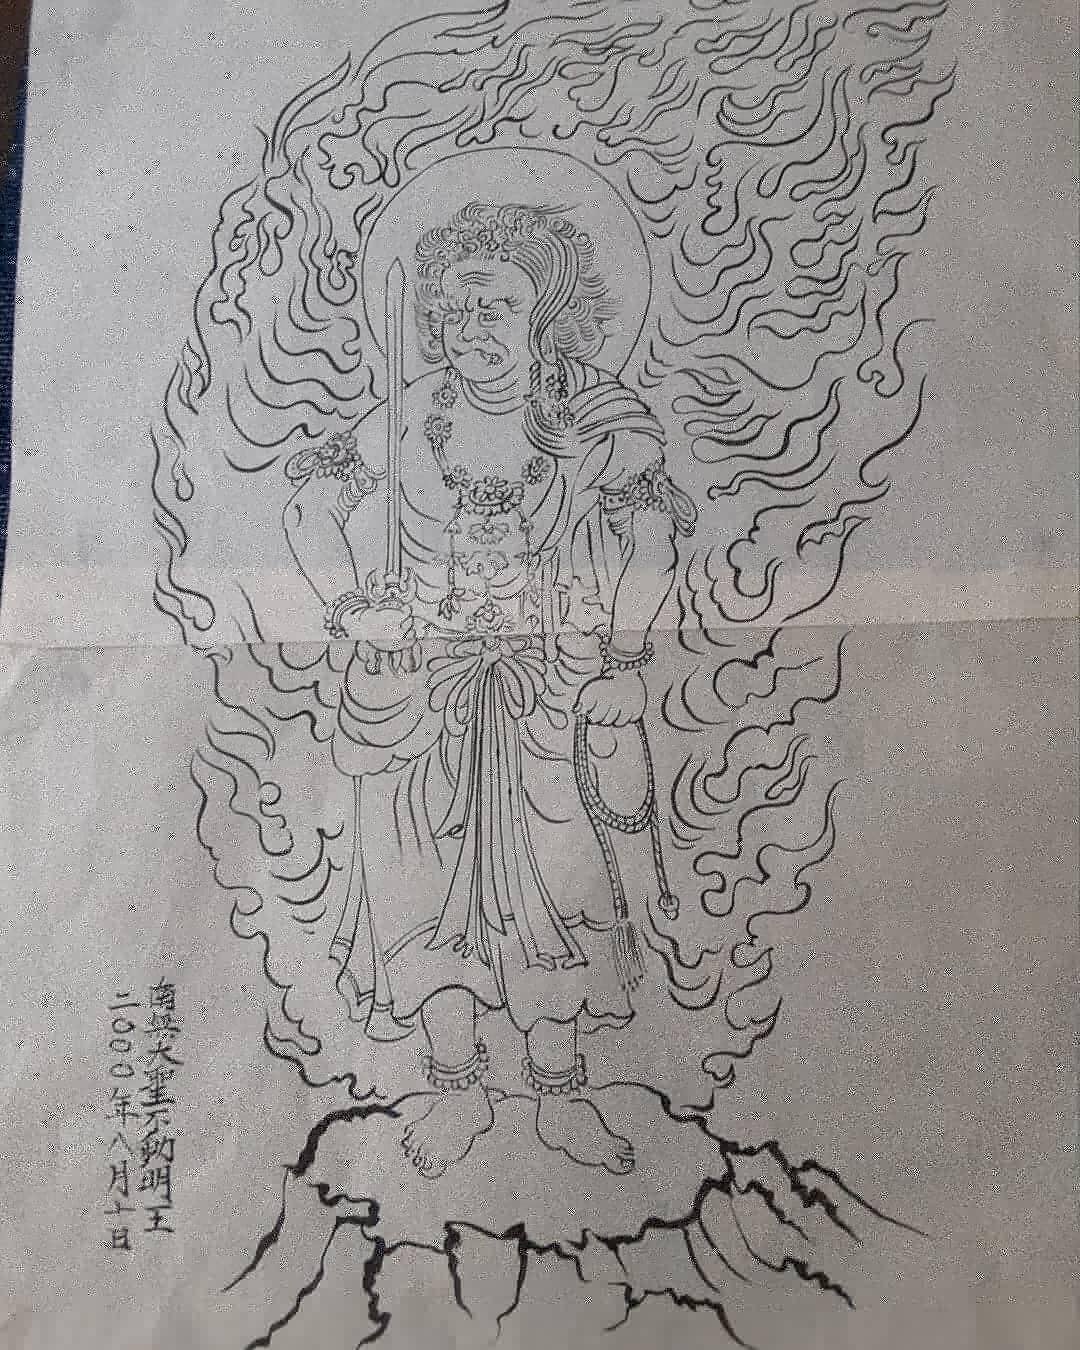 森本登さんがFBを初めました❗ご紹介を兼ねて20年前に描いていた仏画を見て下さい🍀